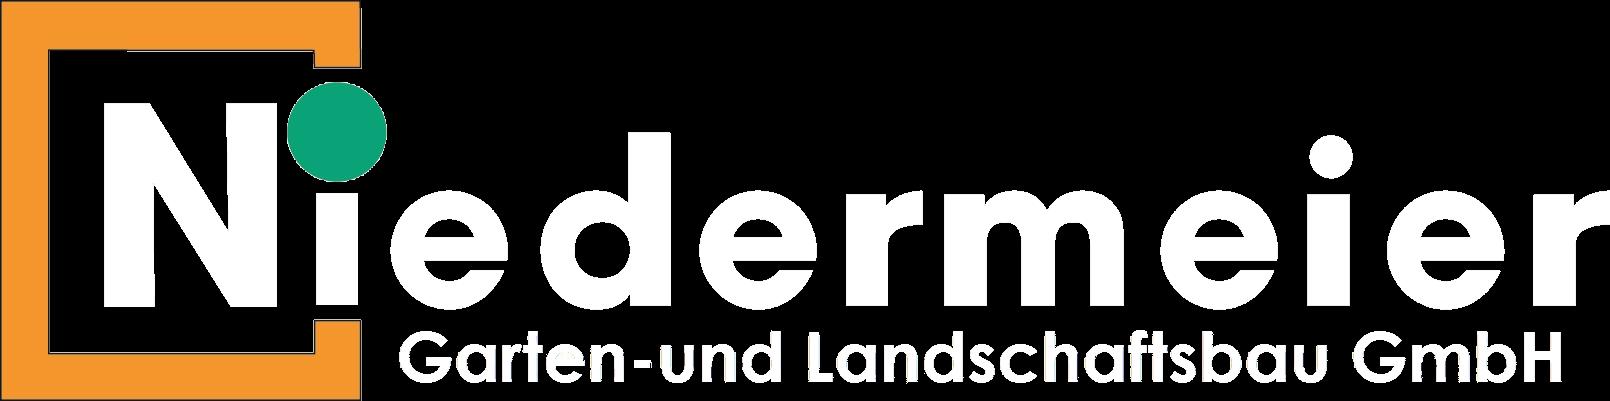 Niedermeier Garten- und Landschaftsbau GmbH